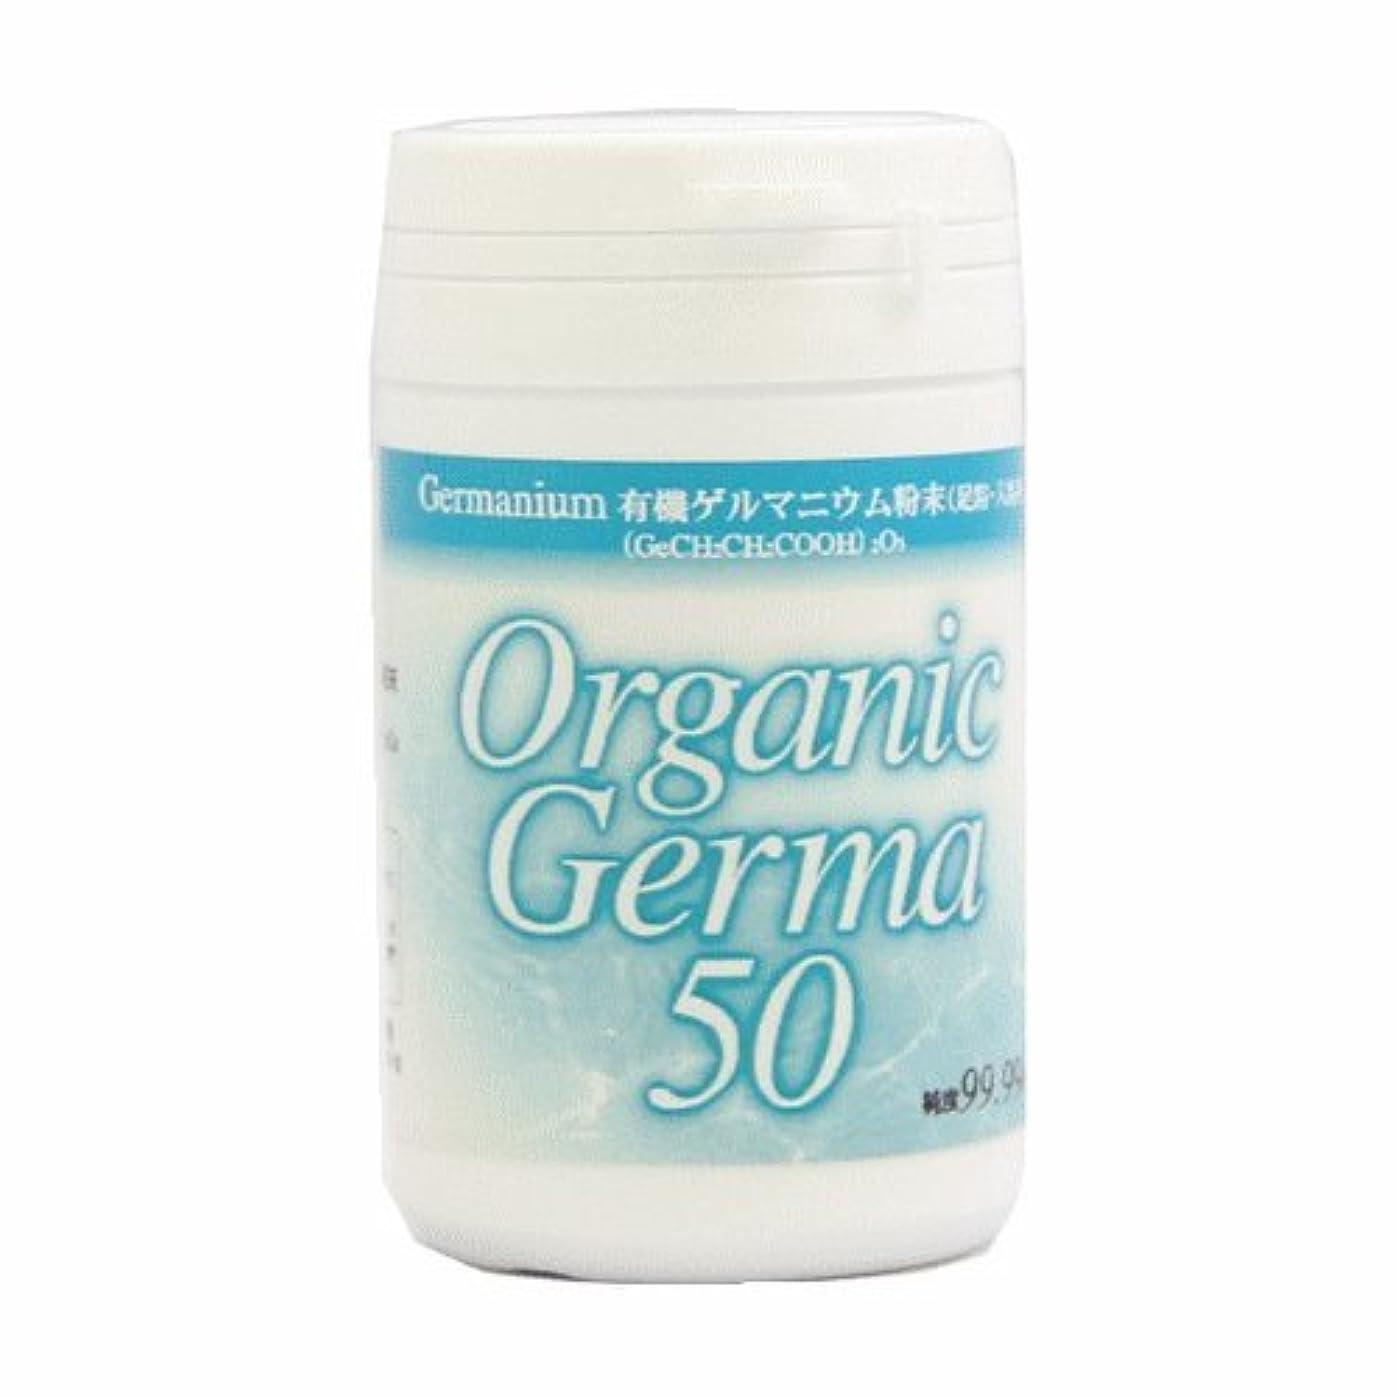 行方不明姪楽しい【有機 ゲルマニウム 粉末 50g (Ge-132) 99.99% 温浴用】 ゲルマ パウダー